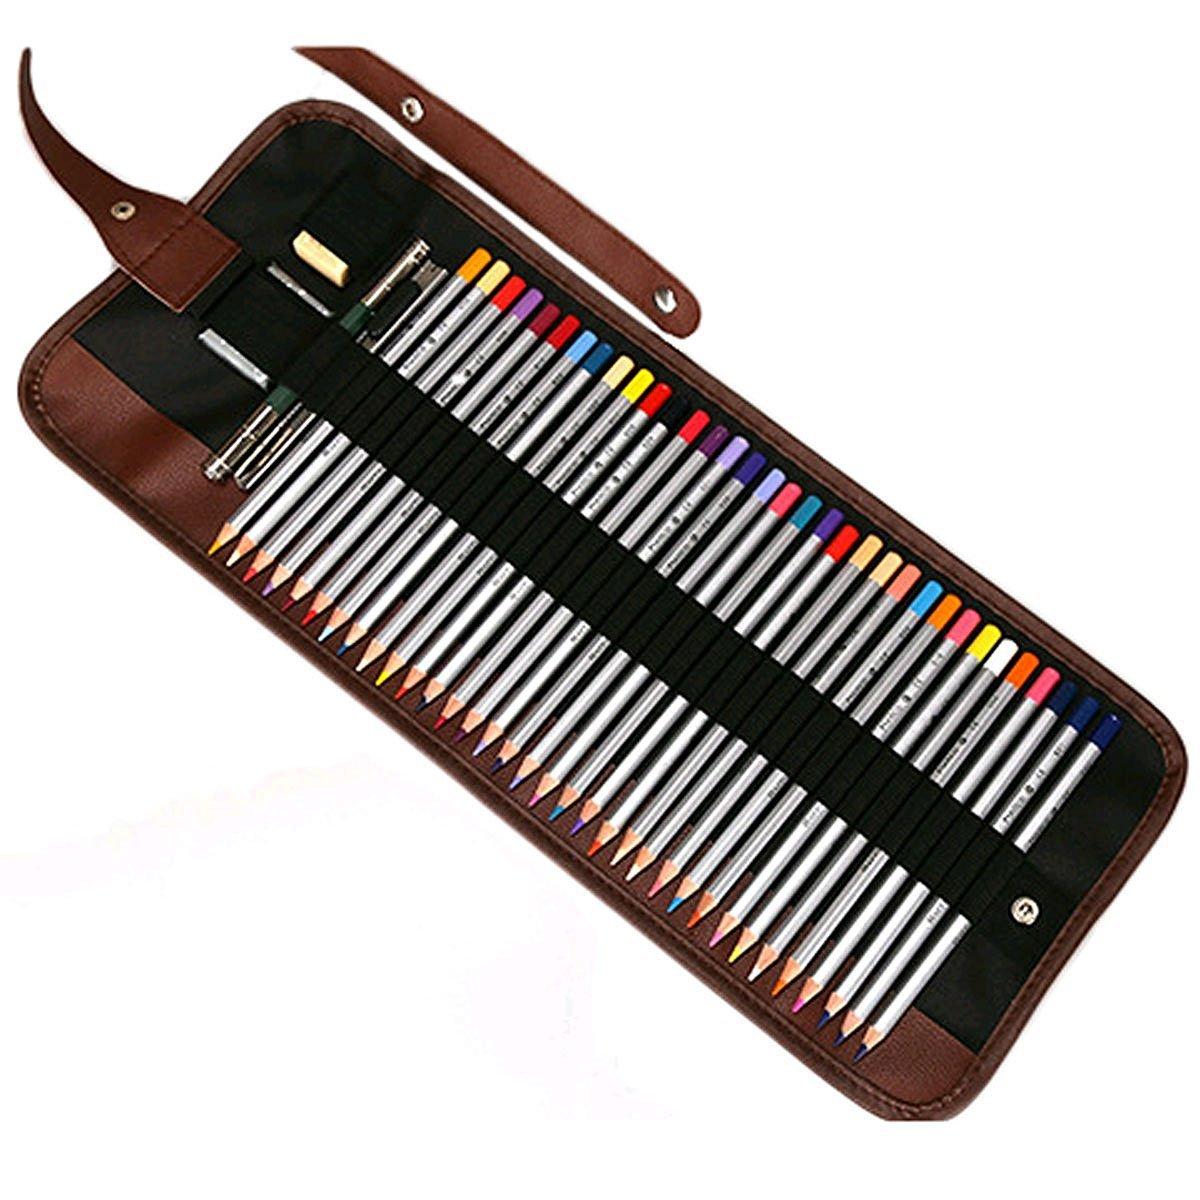 Ciaoed Federmäppchen Federtasche Mäppchen Schlamperrolle Filz Bleistift Beutel Für 36 Buntstifte Bleistifte sind nicht enthalten A